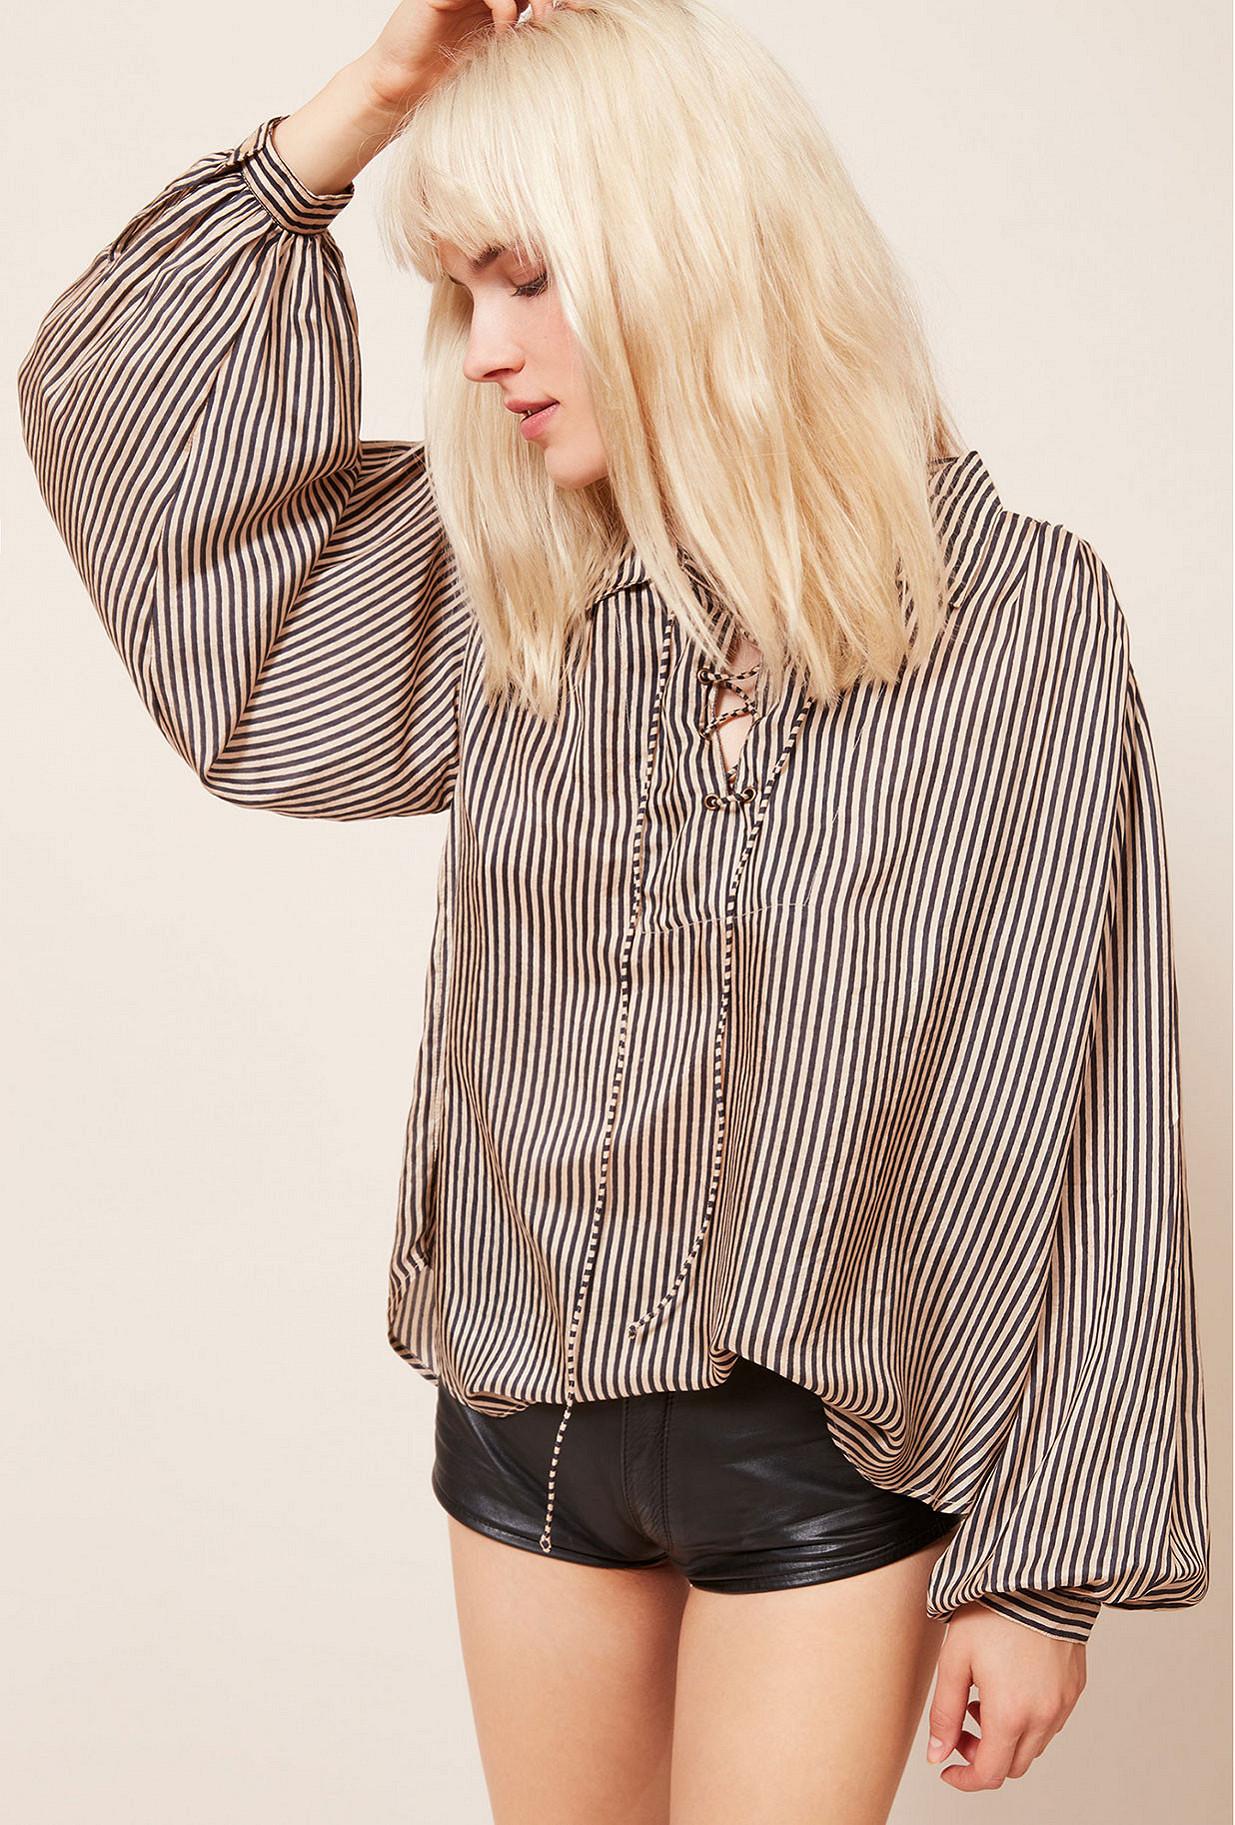 Paris boutique de mode vêtement Blouse créateur bohème  Bartholome